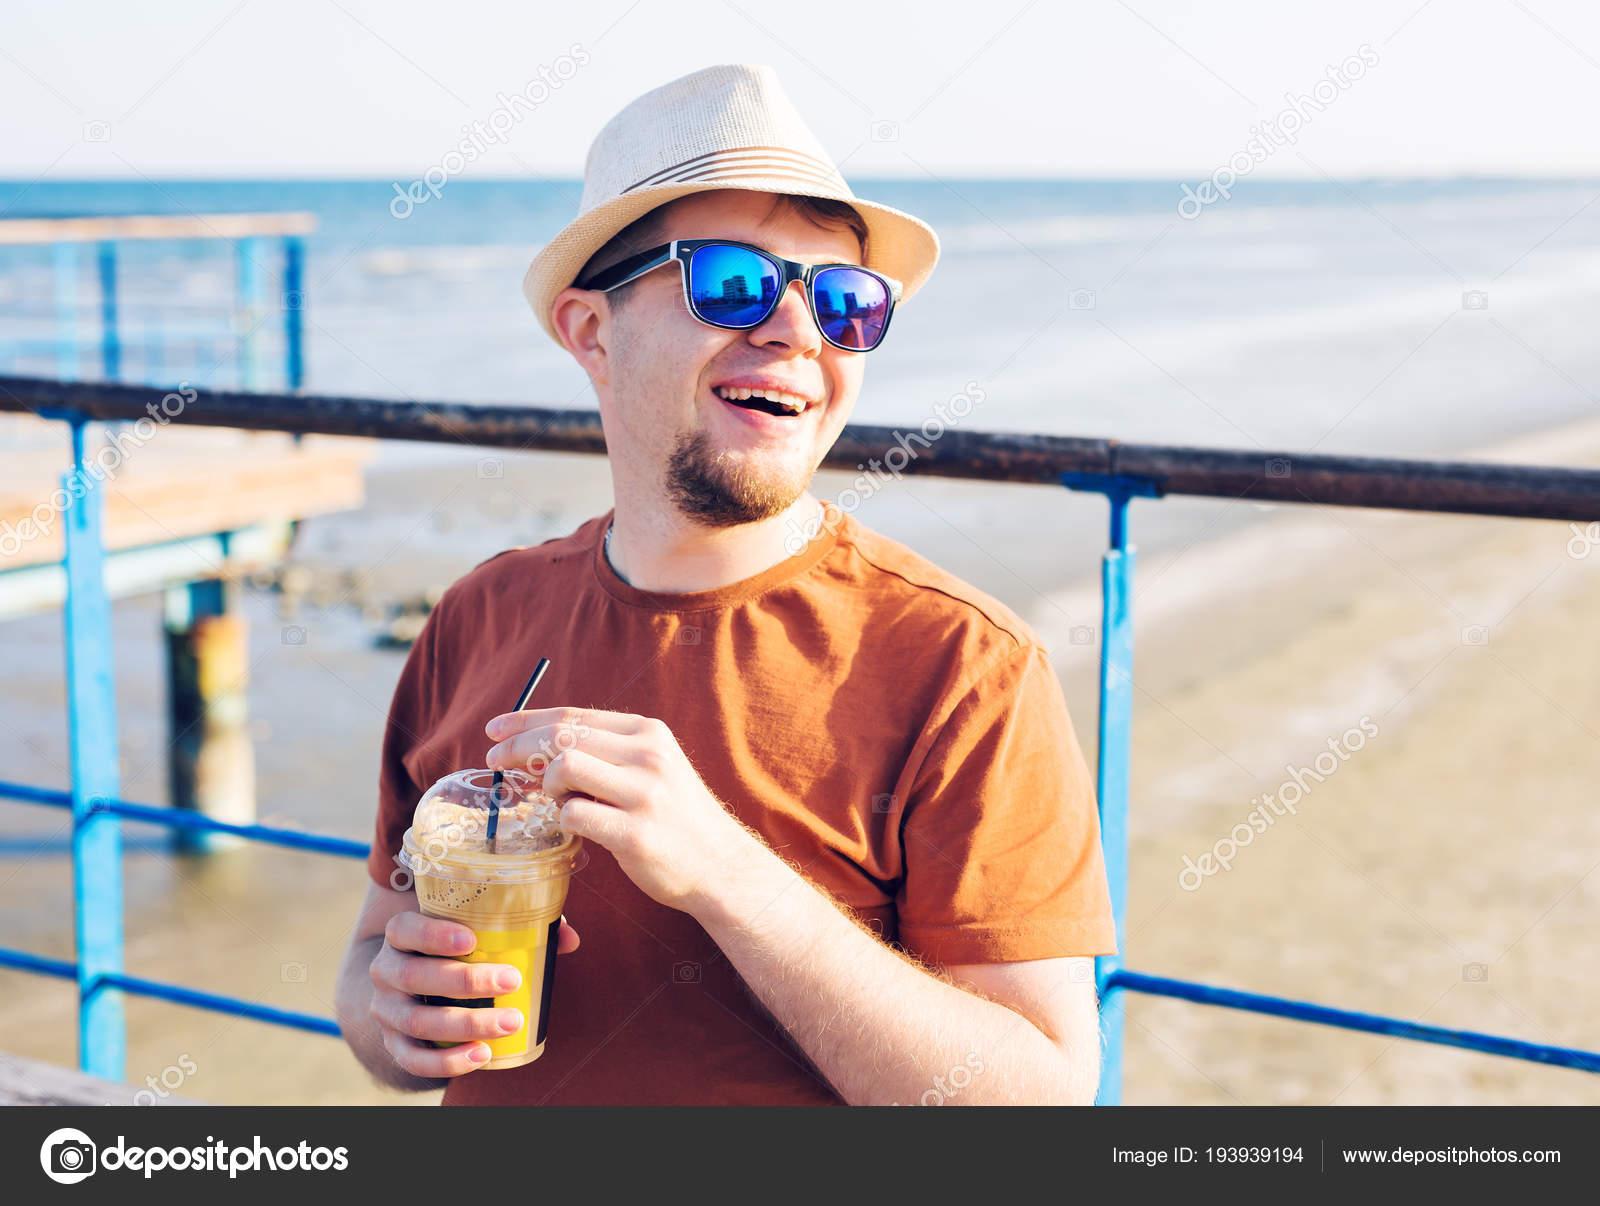 72ade83f9c63f Conceito de Lifestyle, bebidas e pessoas - homem em óculos de sol bebendo  frappe café